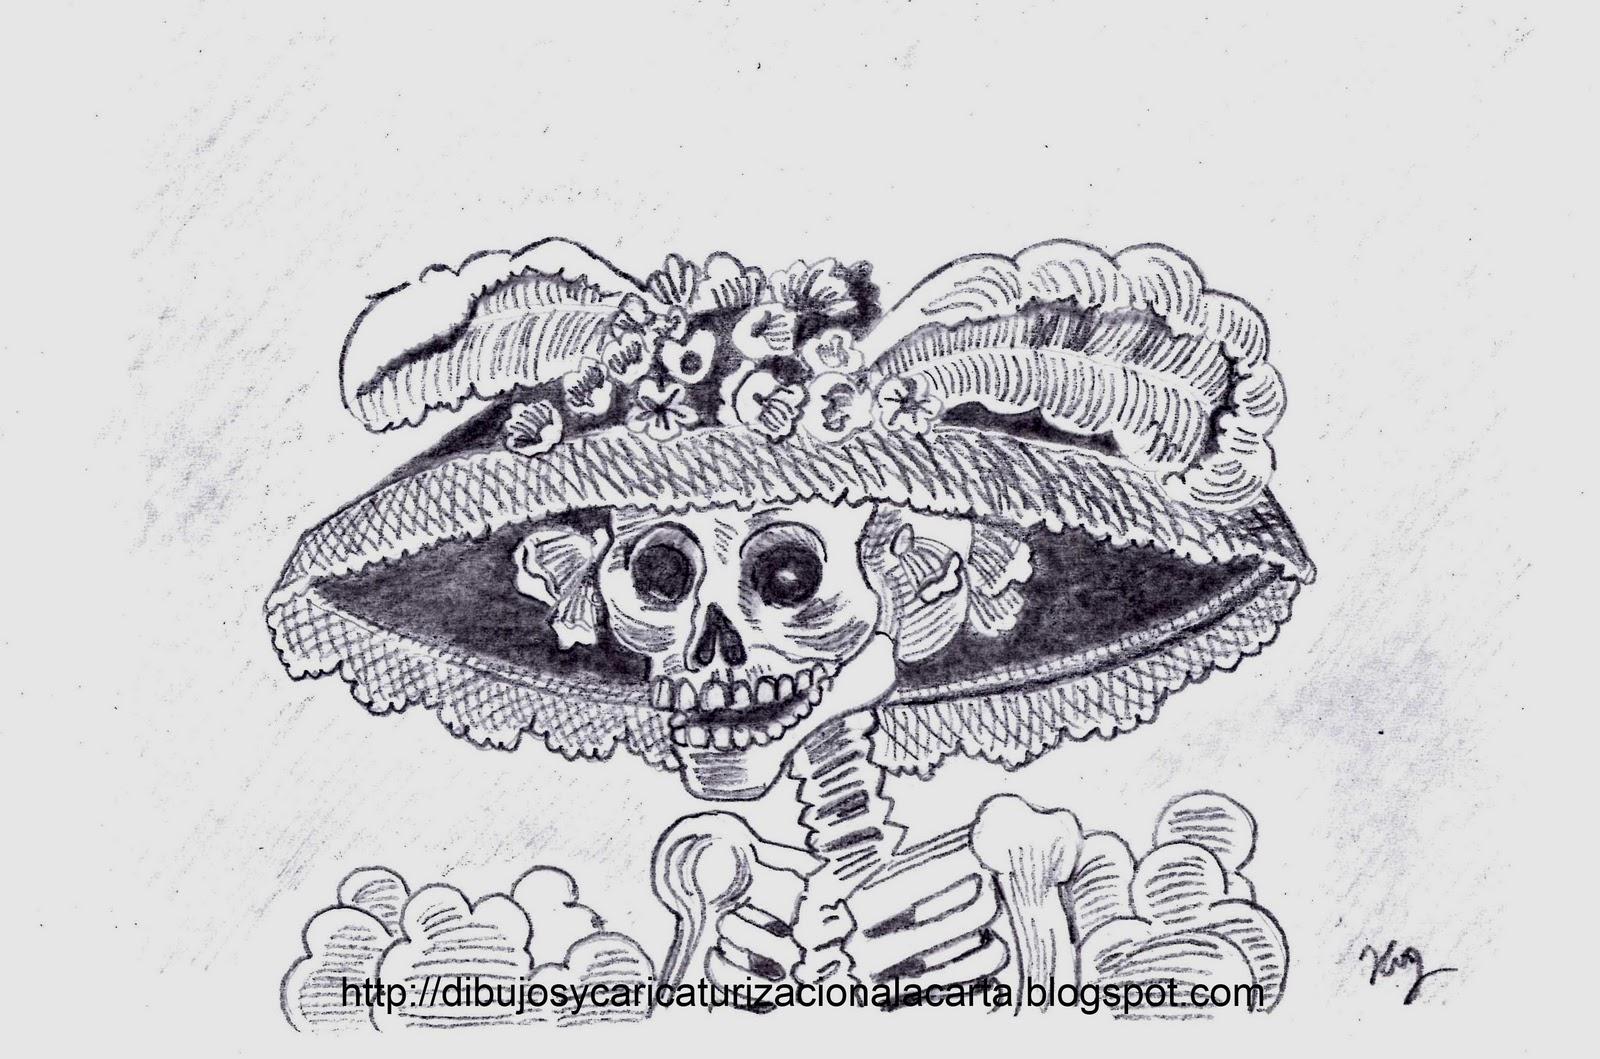 Dibujos Y Caricaturizacion A La Carta La Catrina Y El Dia De Muertos